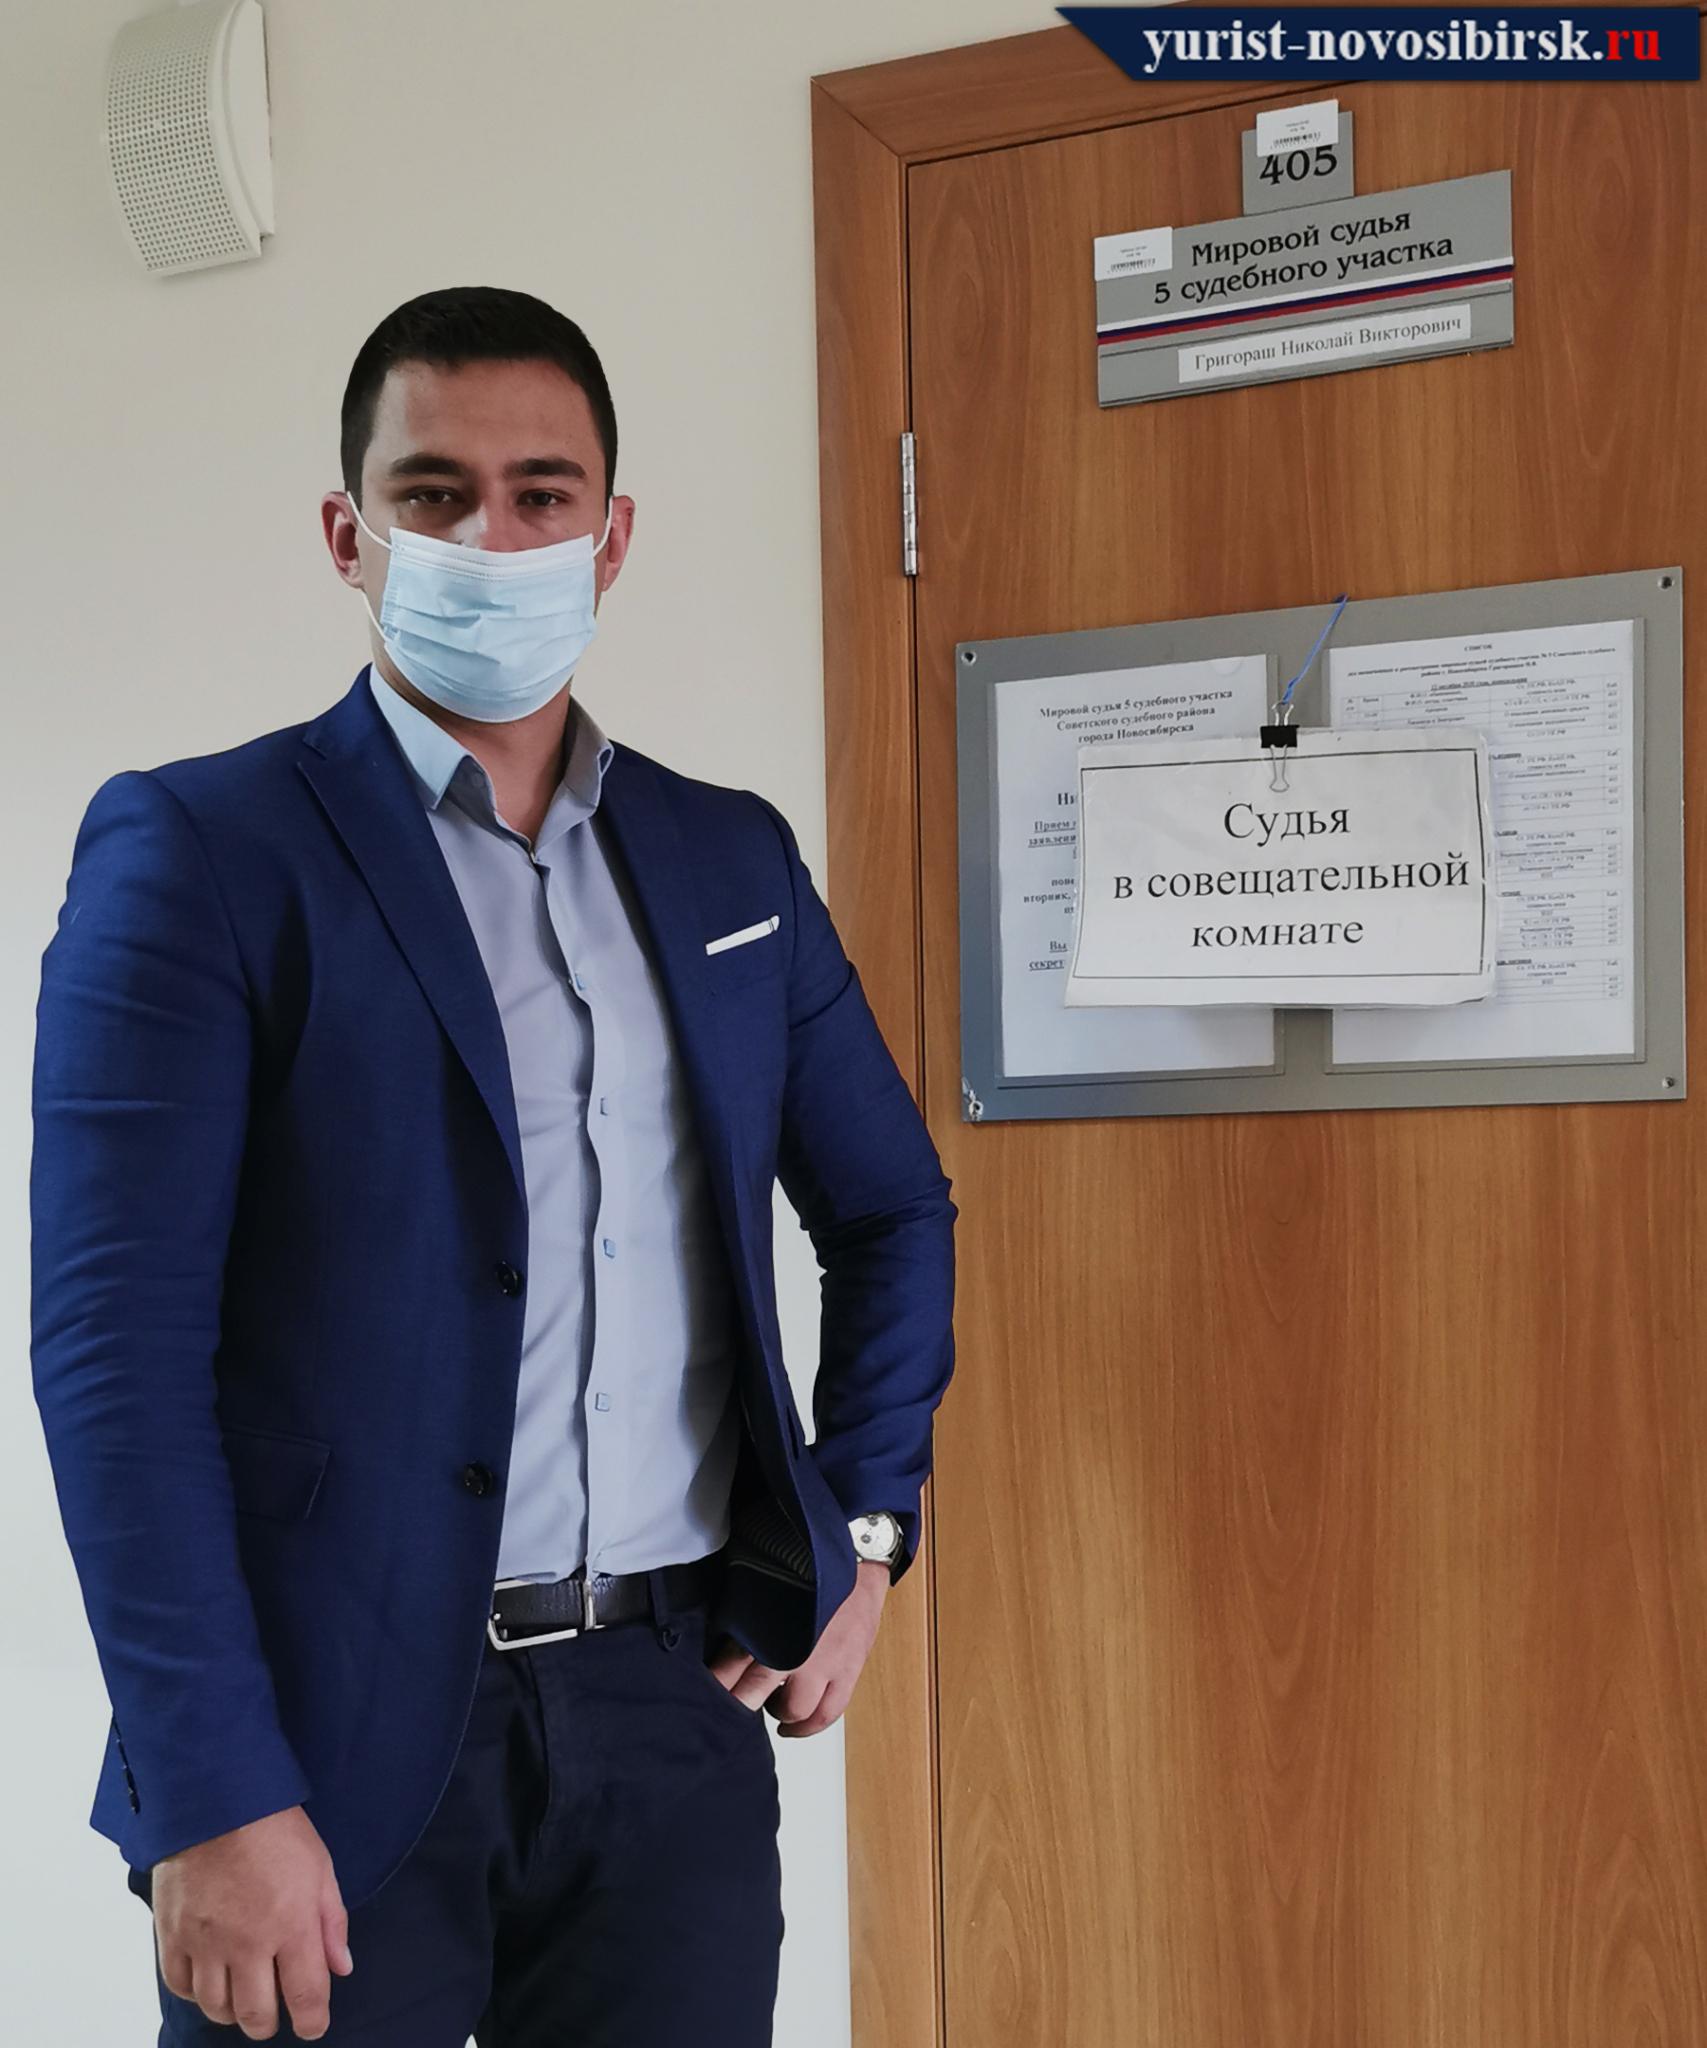 Юрист адвокат Новосибирска